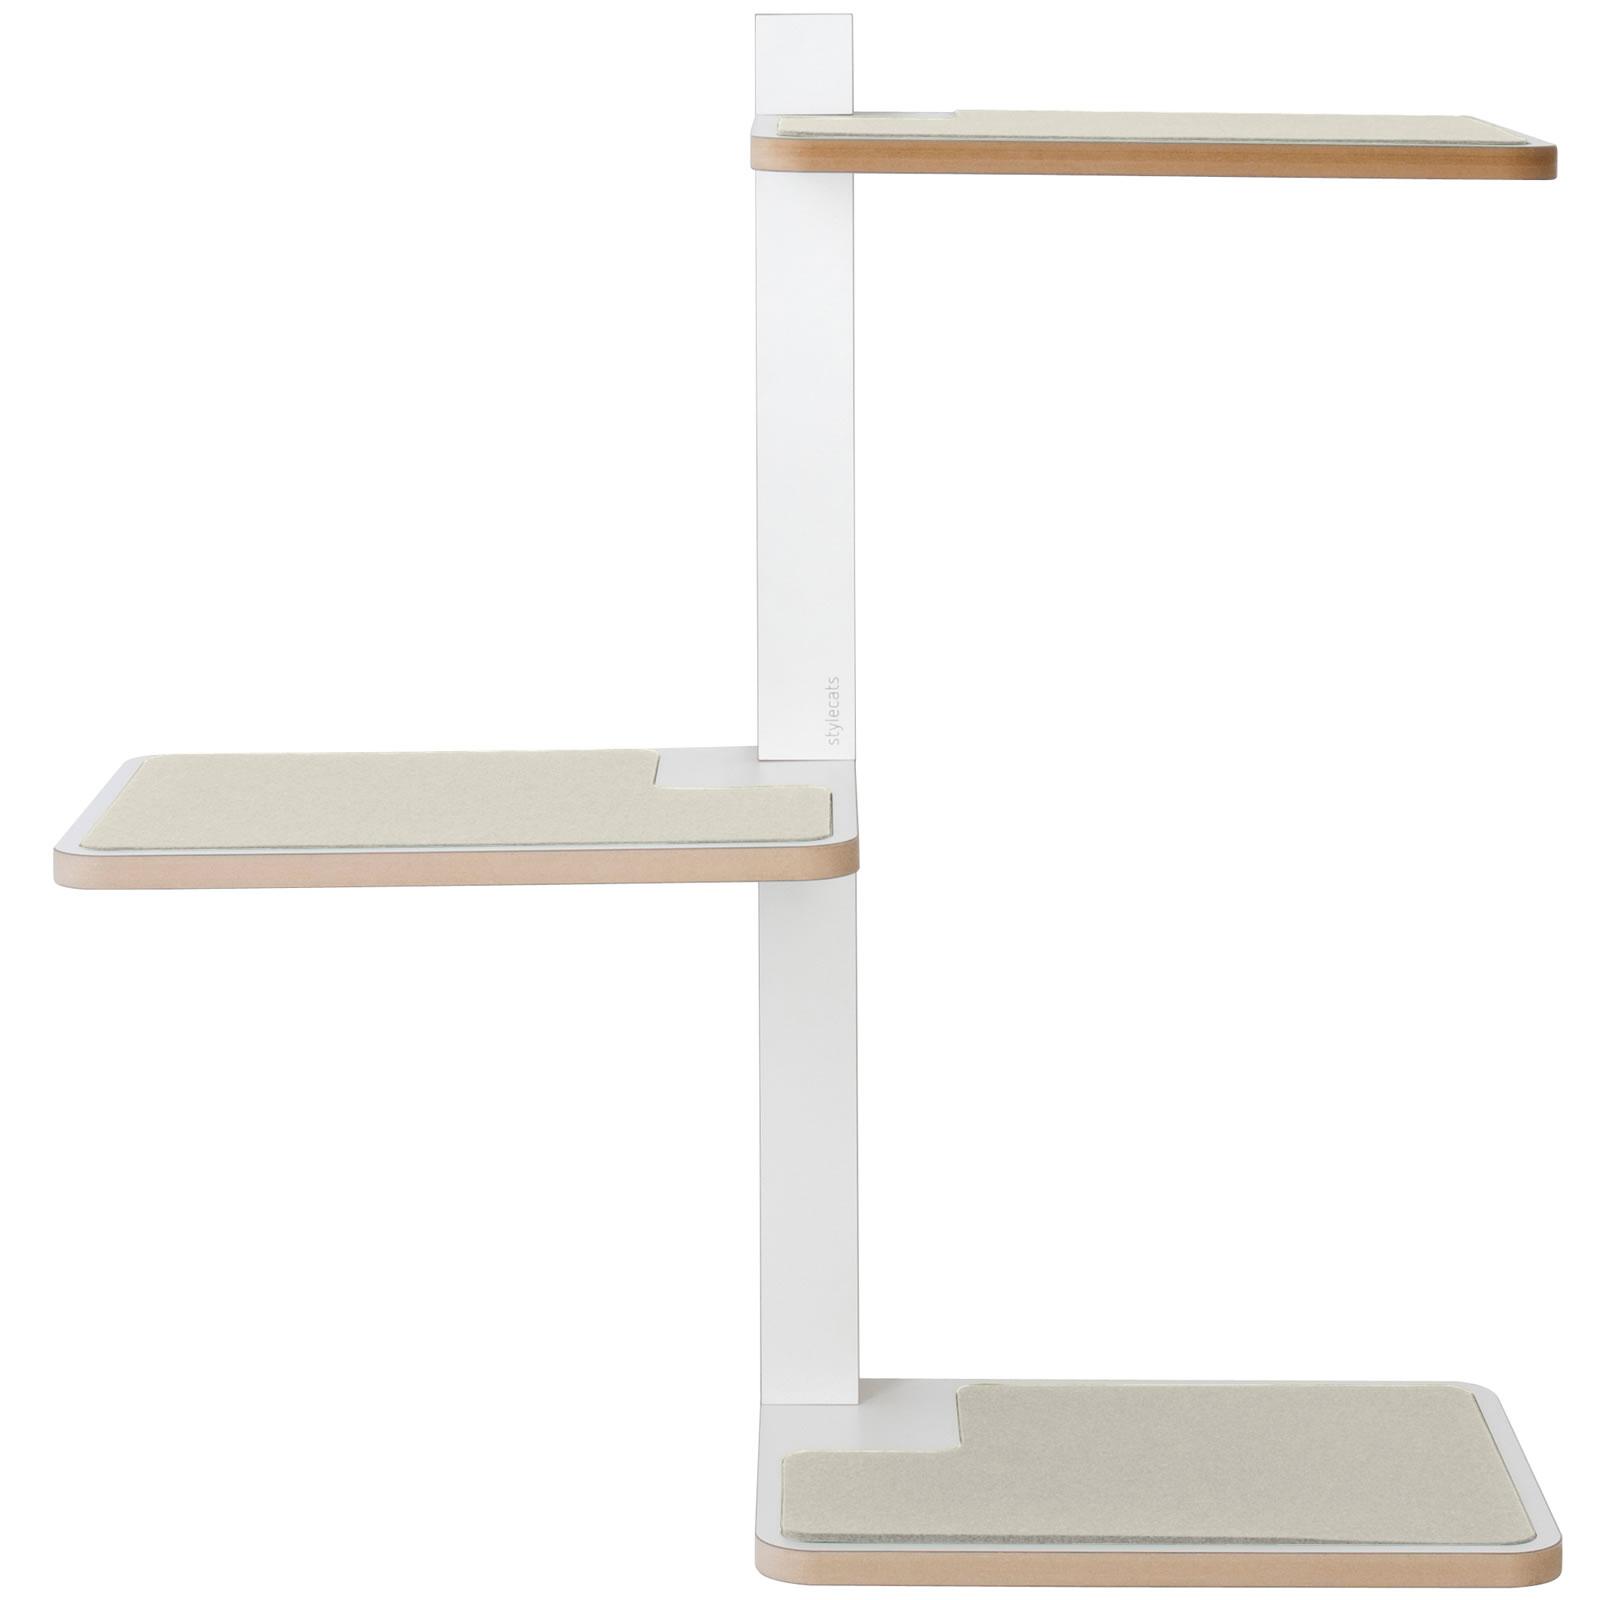 kratzbaum online shop katzenm bel freischweber wei 3 liegefl chen. Black Bedroom Furniture Sets. Home Design Ideas